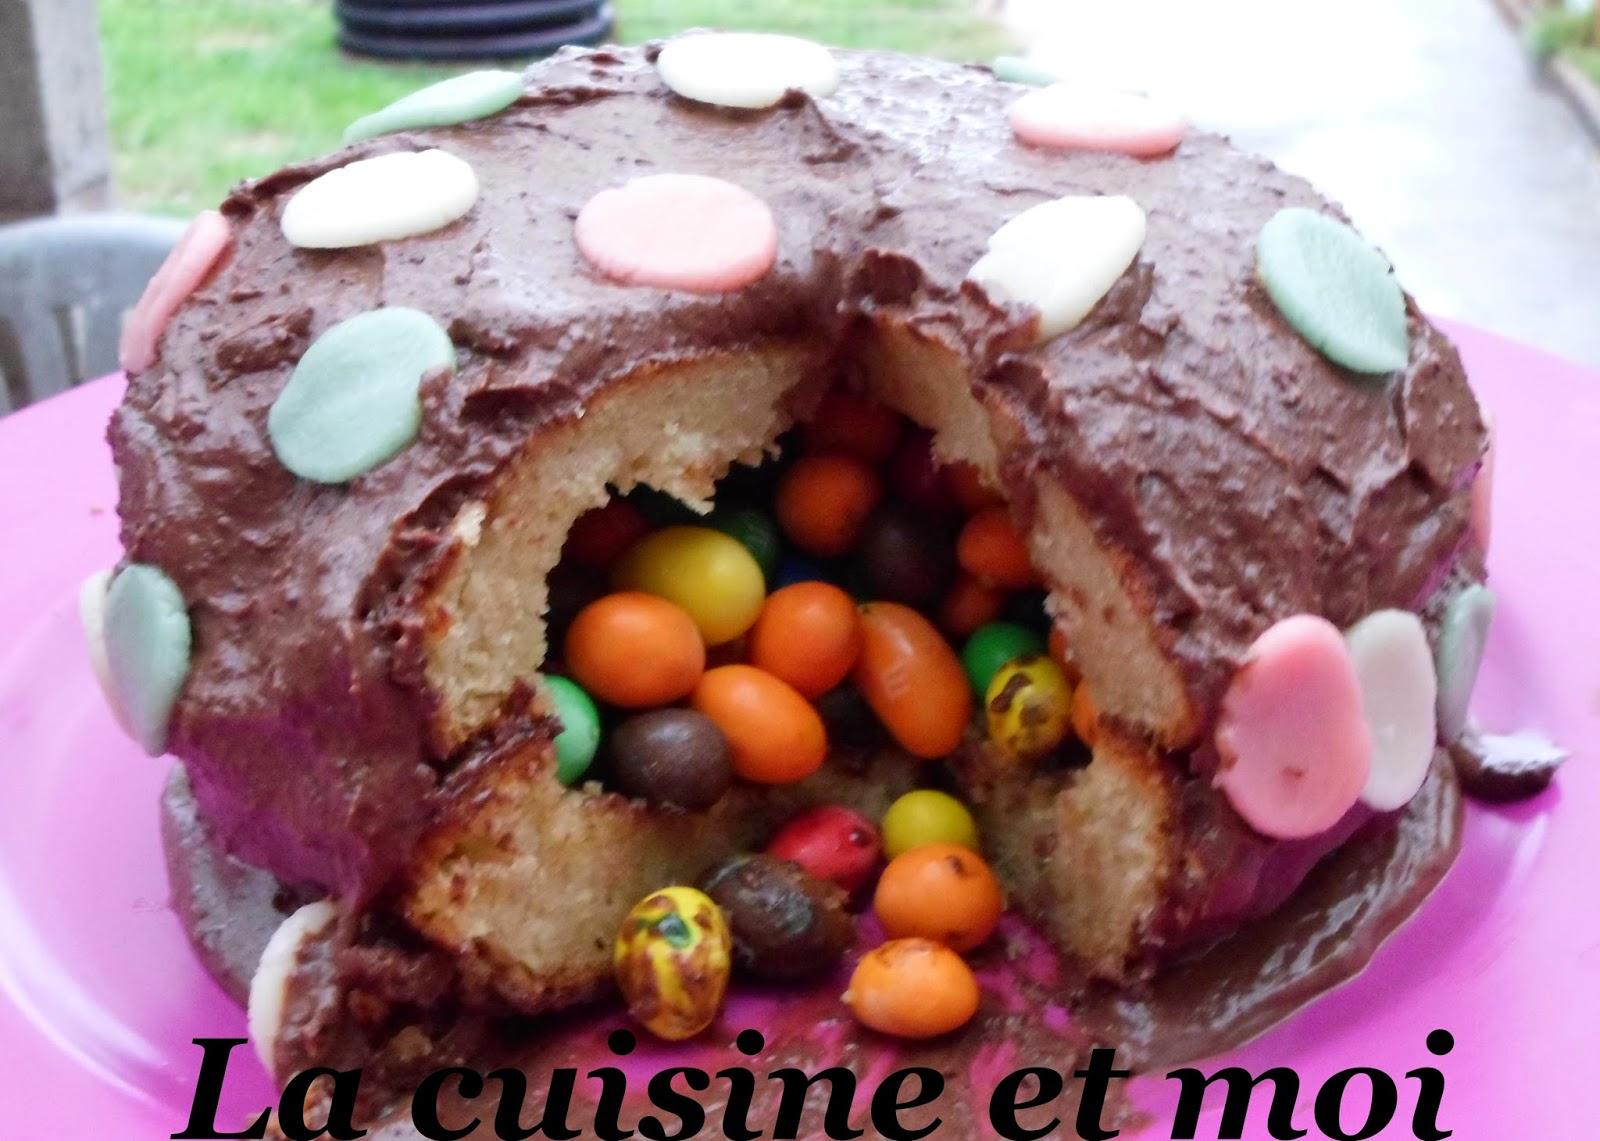 http://la-cuisine-et-moi.blogspot.fr/2014/10/gateau-surprise.html